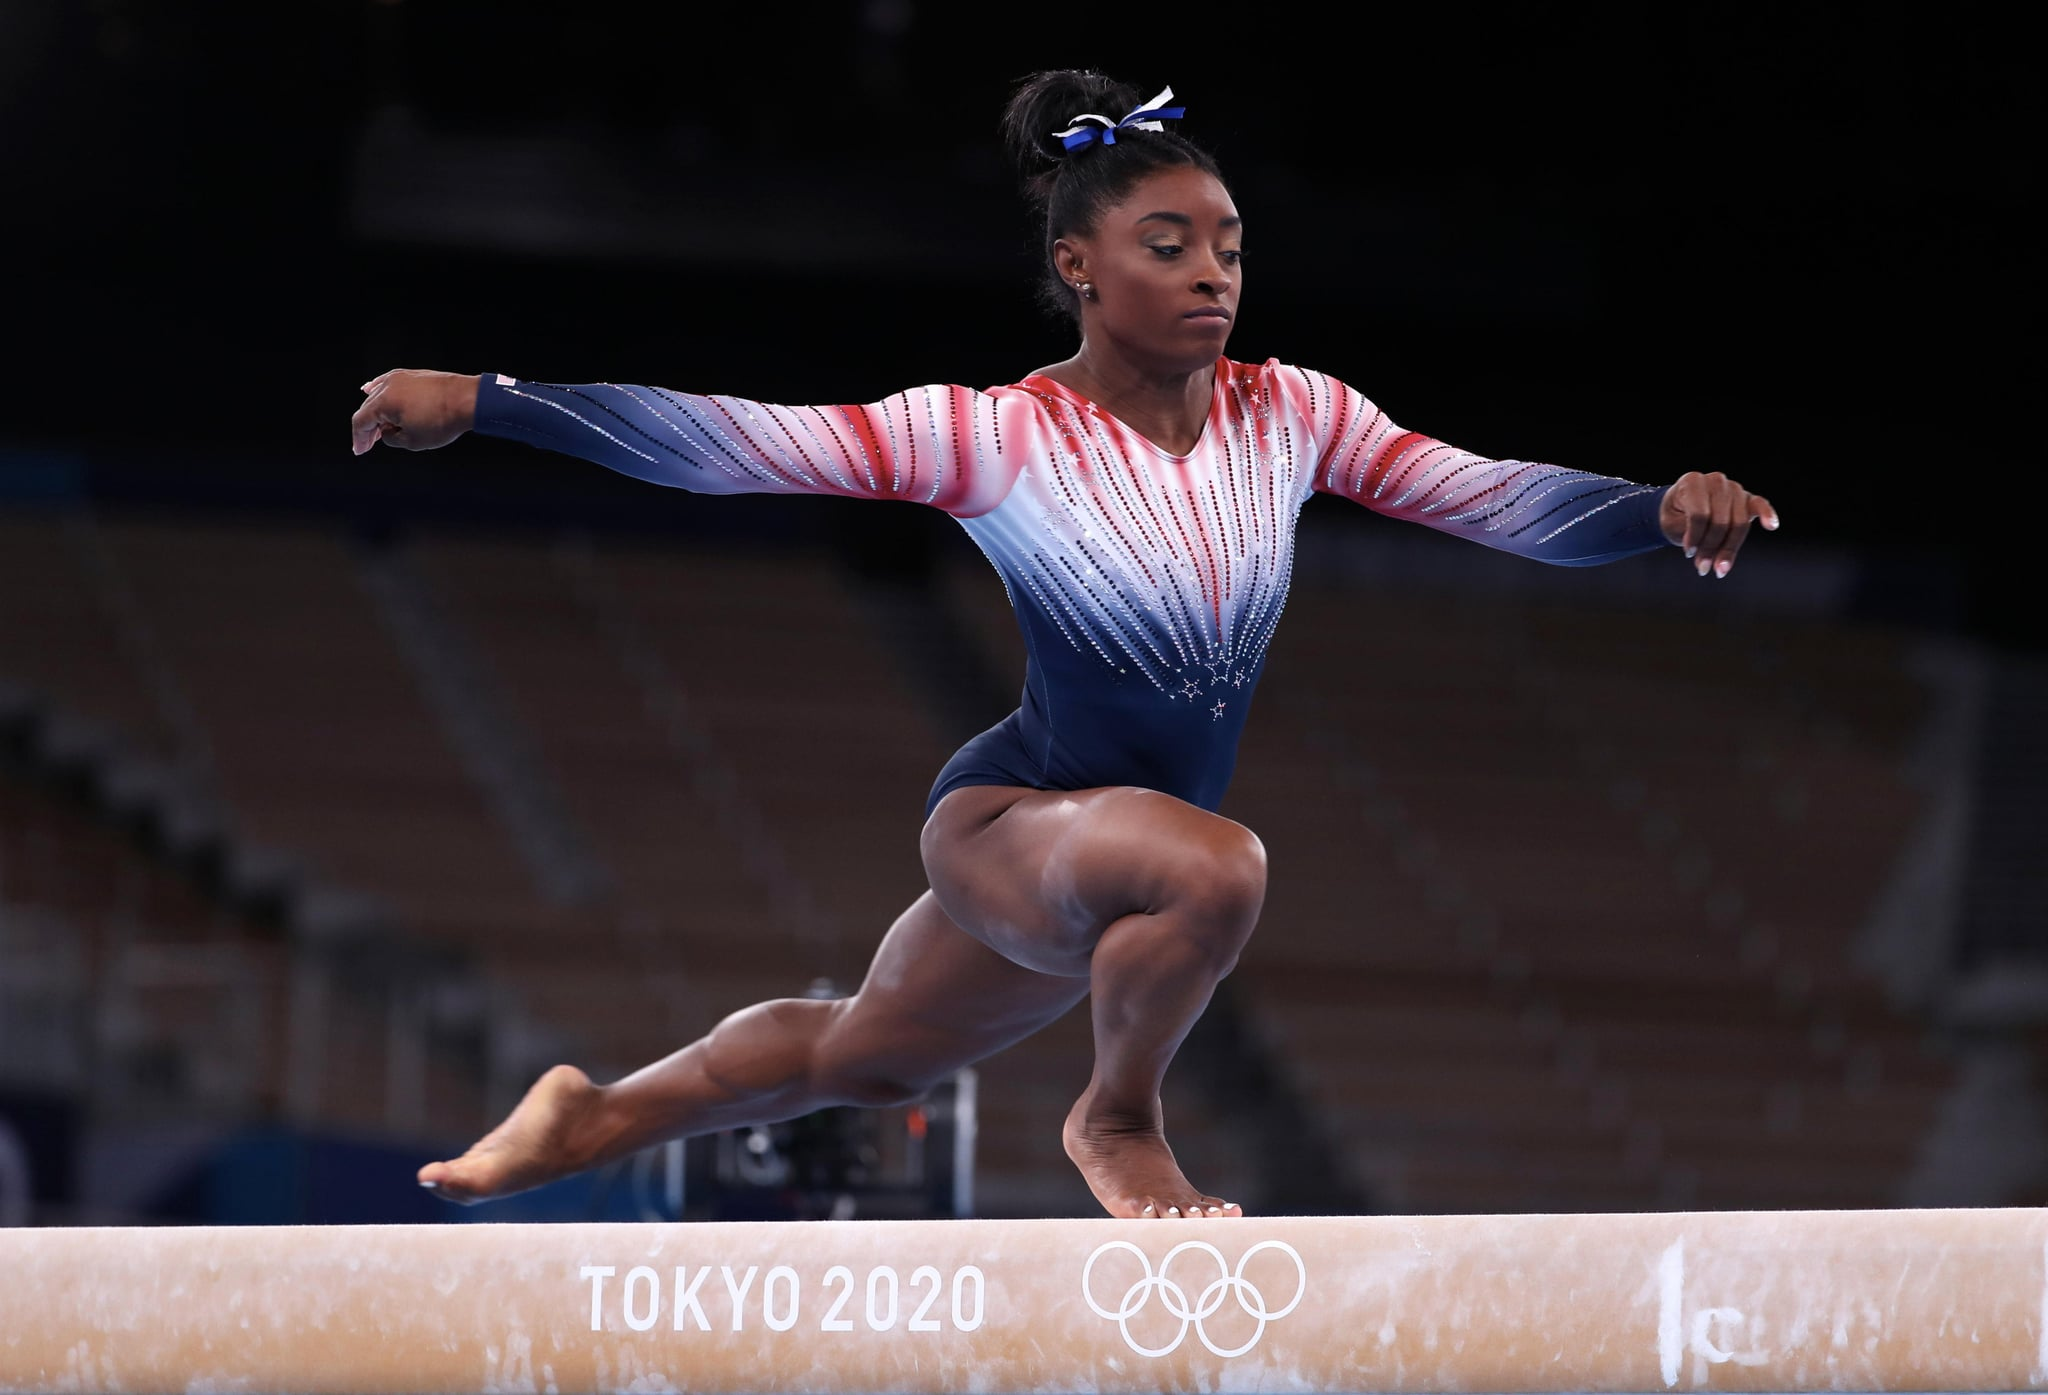 Rules olympic gymnastics Why gymnastics